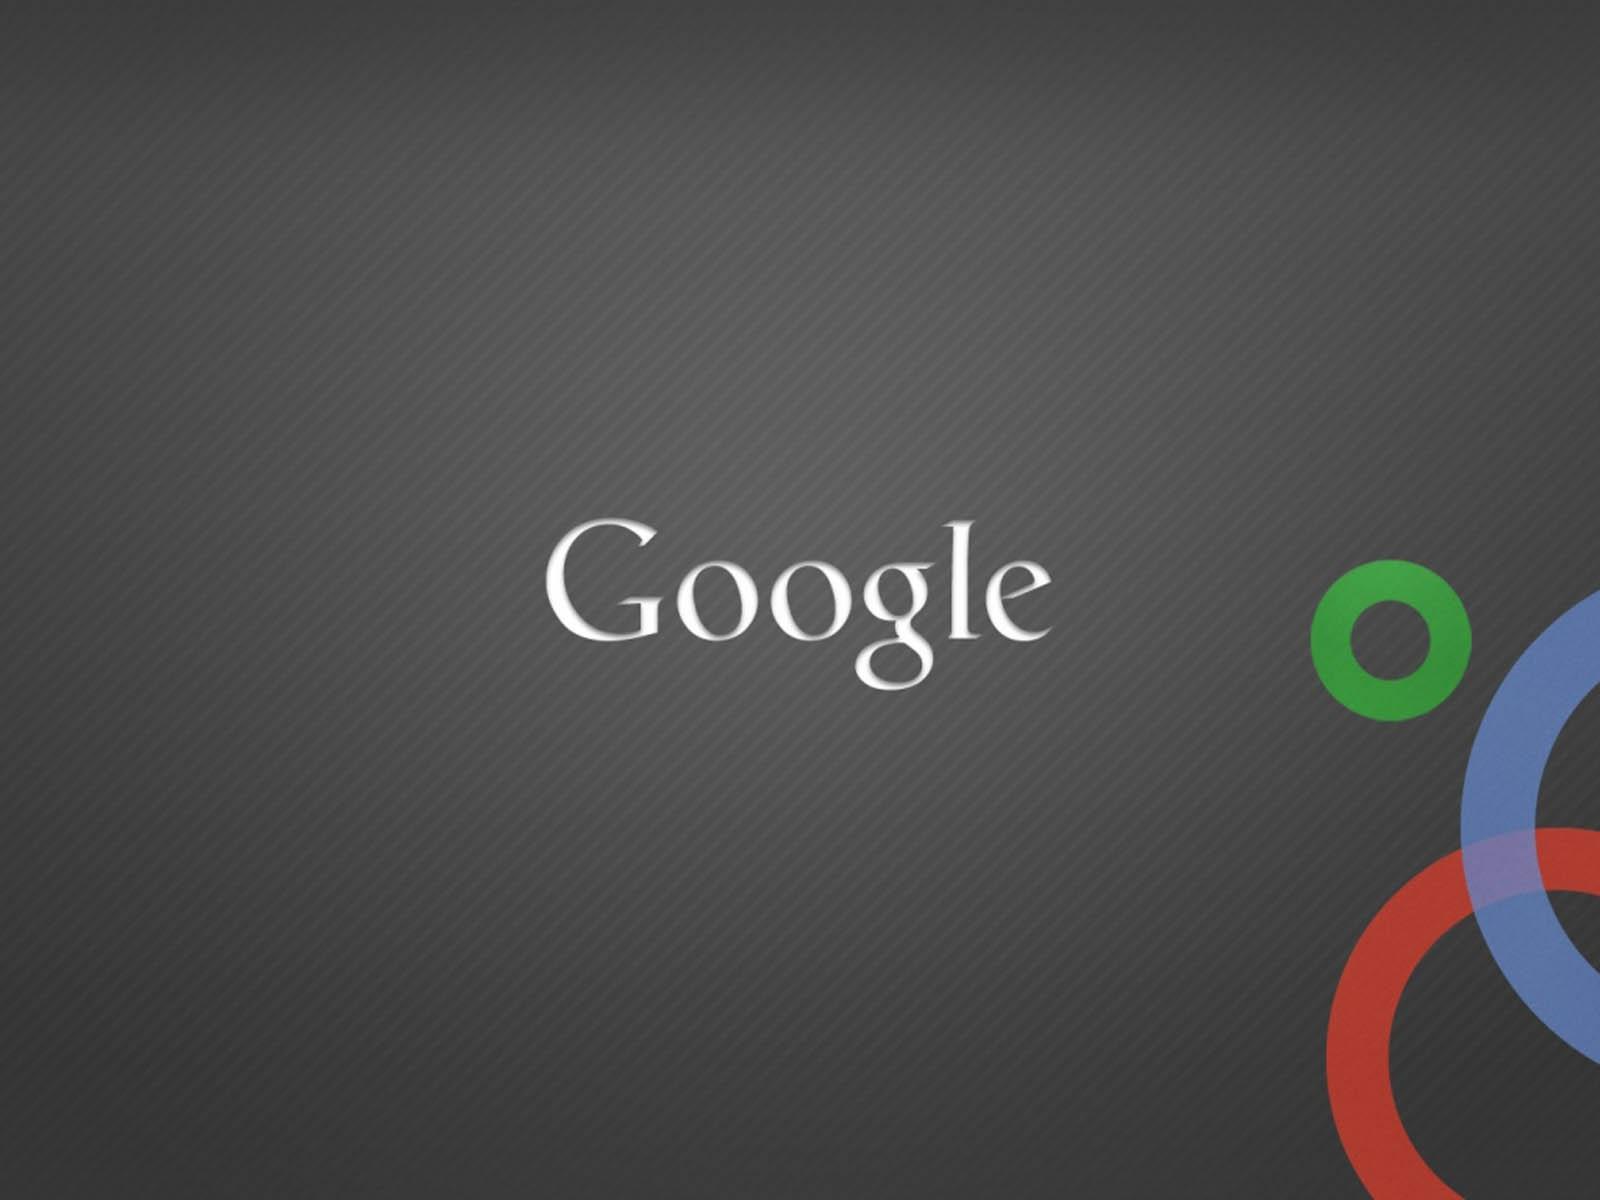 Fantastic Google Wallpaper 42245 1600x1200 px